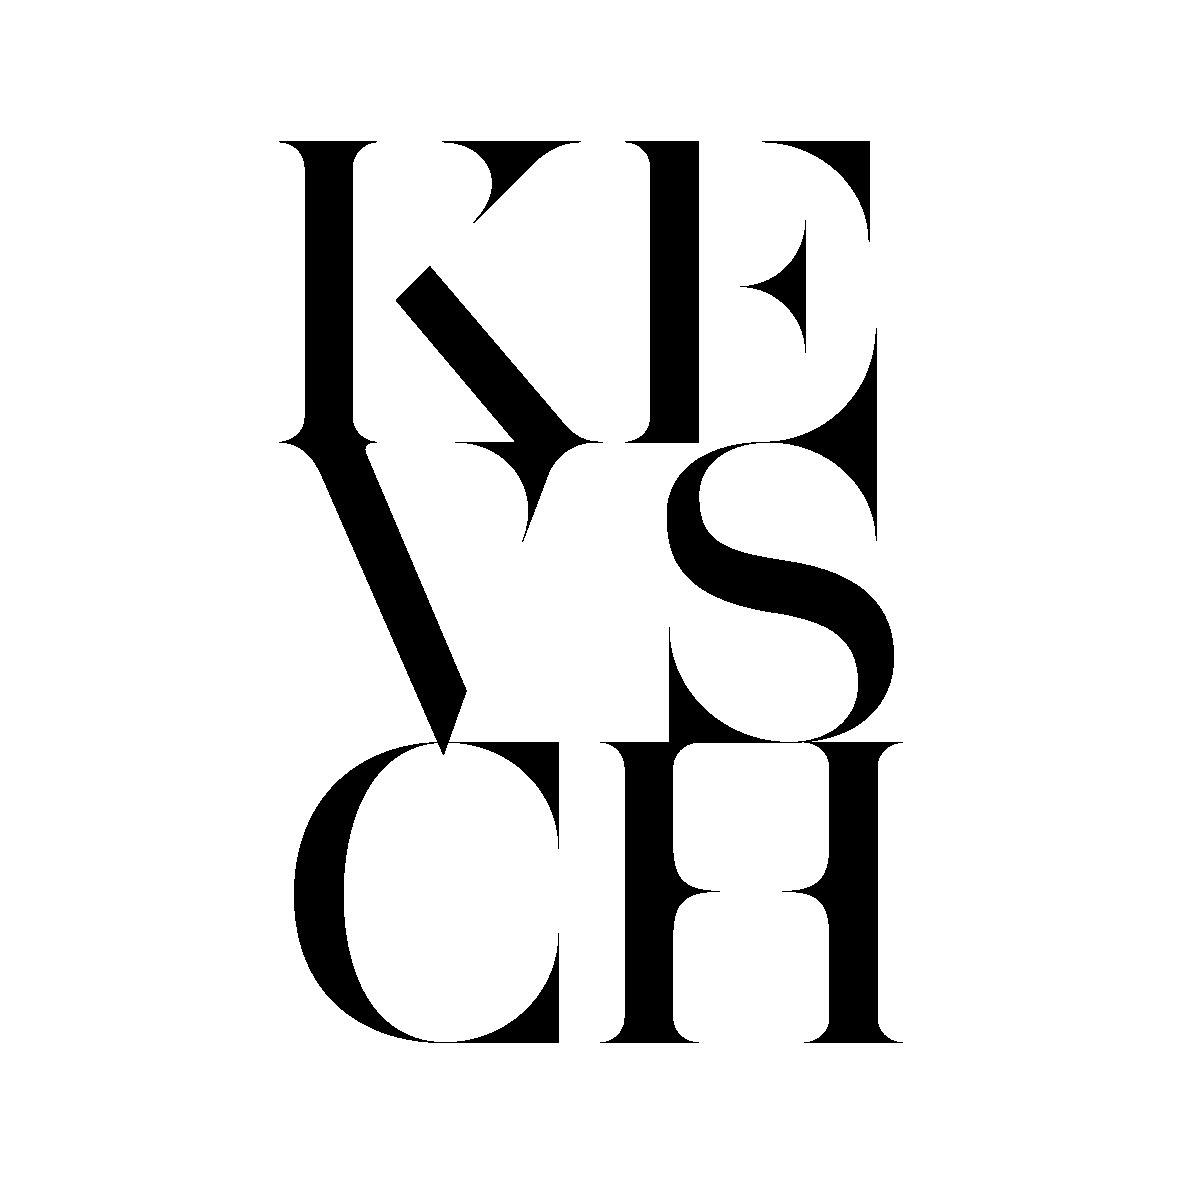 KEVSCH